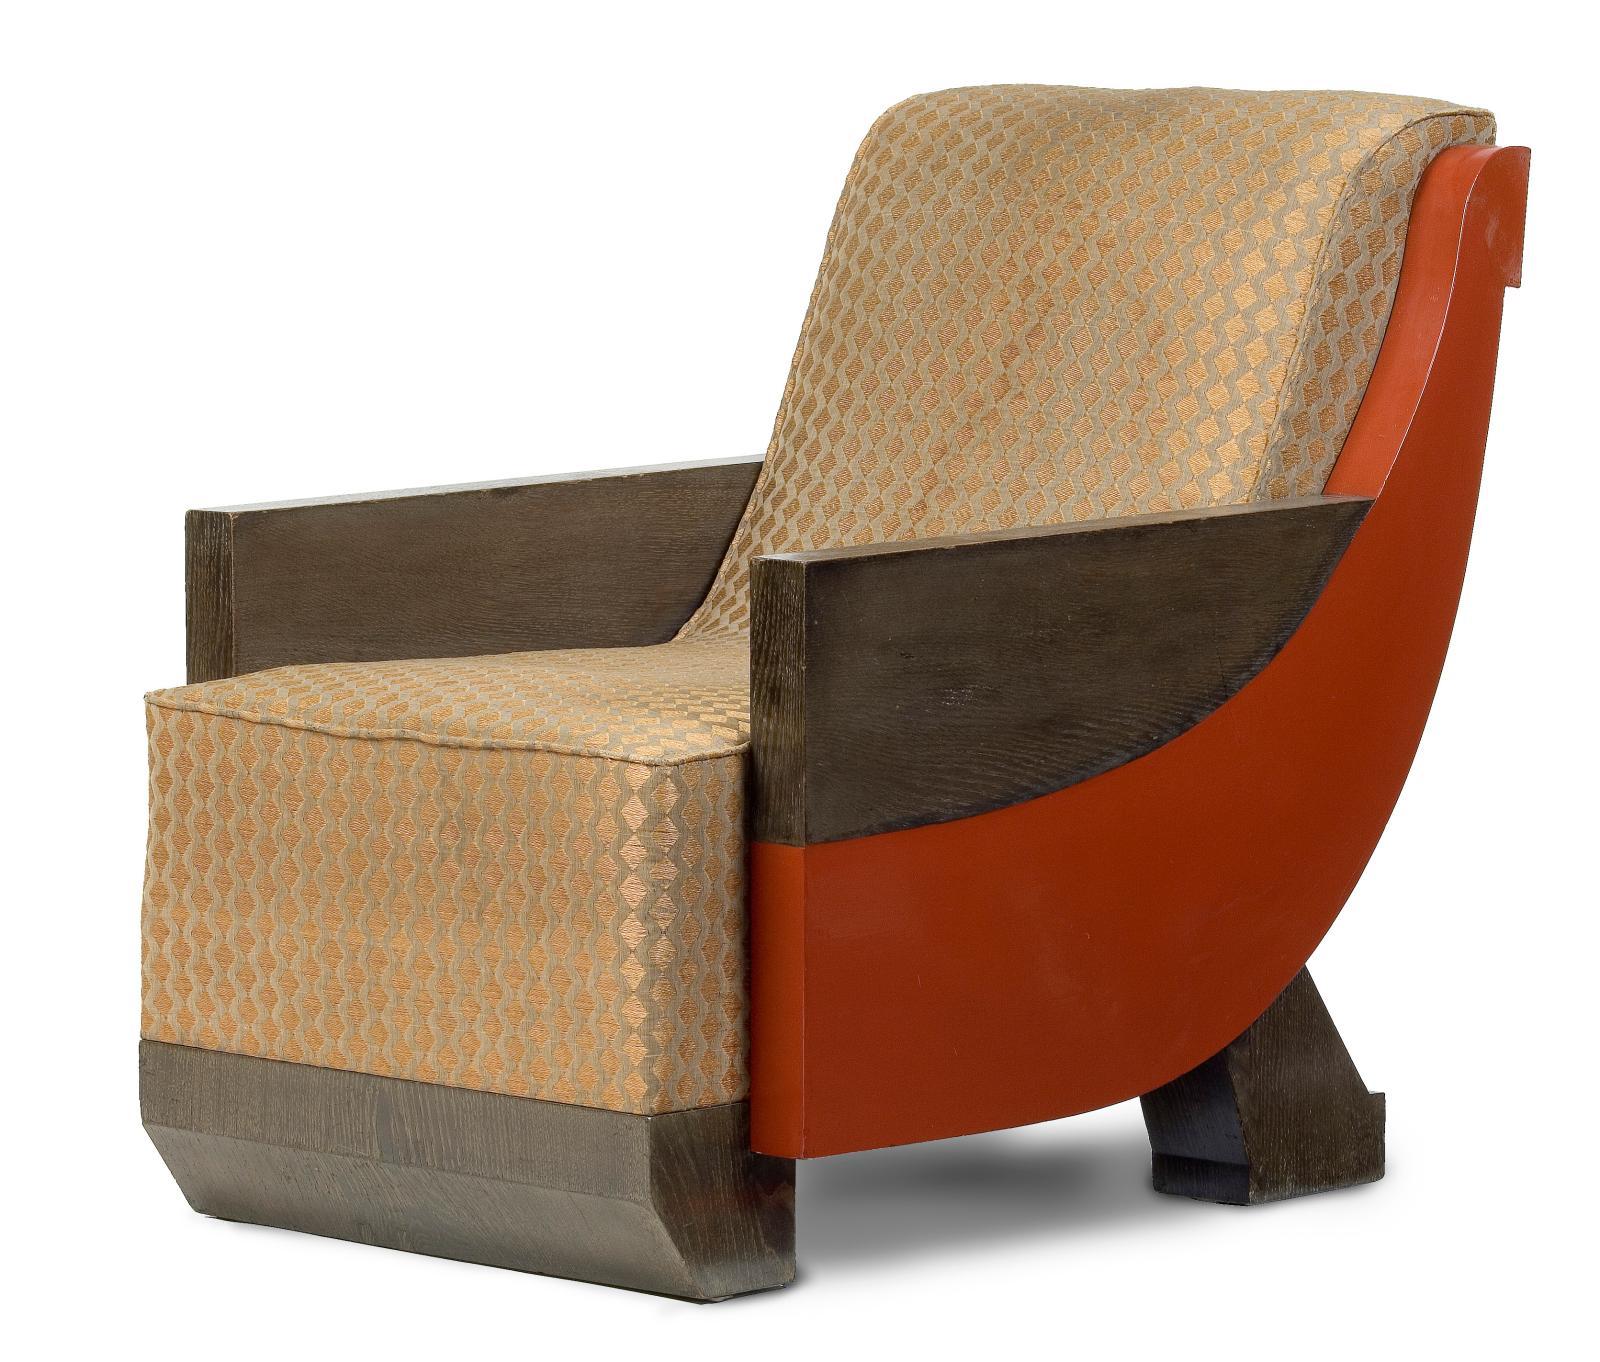 Marcel Coard, fauteuil, vers 1925-1928, Paris, musée des Arts décoratifs, don Jean-Édouard Dubrujeaud en souvenir de Jacques Doucet, 1958